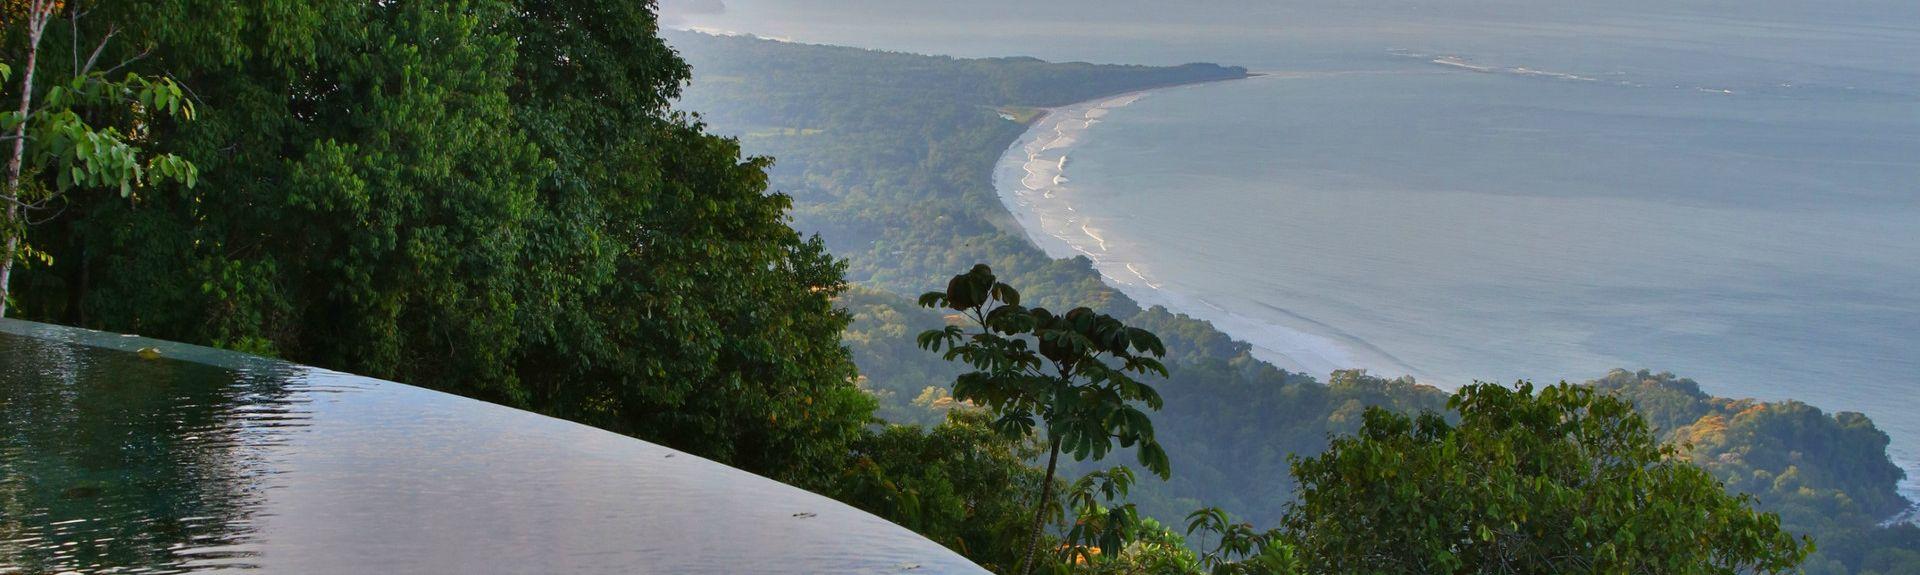 Quepos, Puntarenas (province), Costa Rica